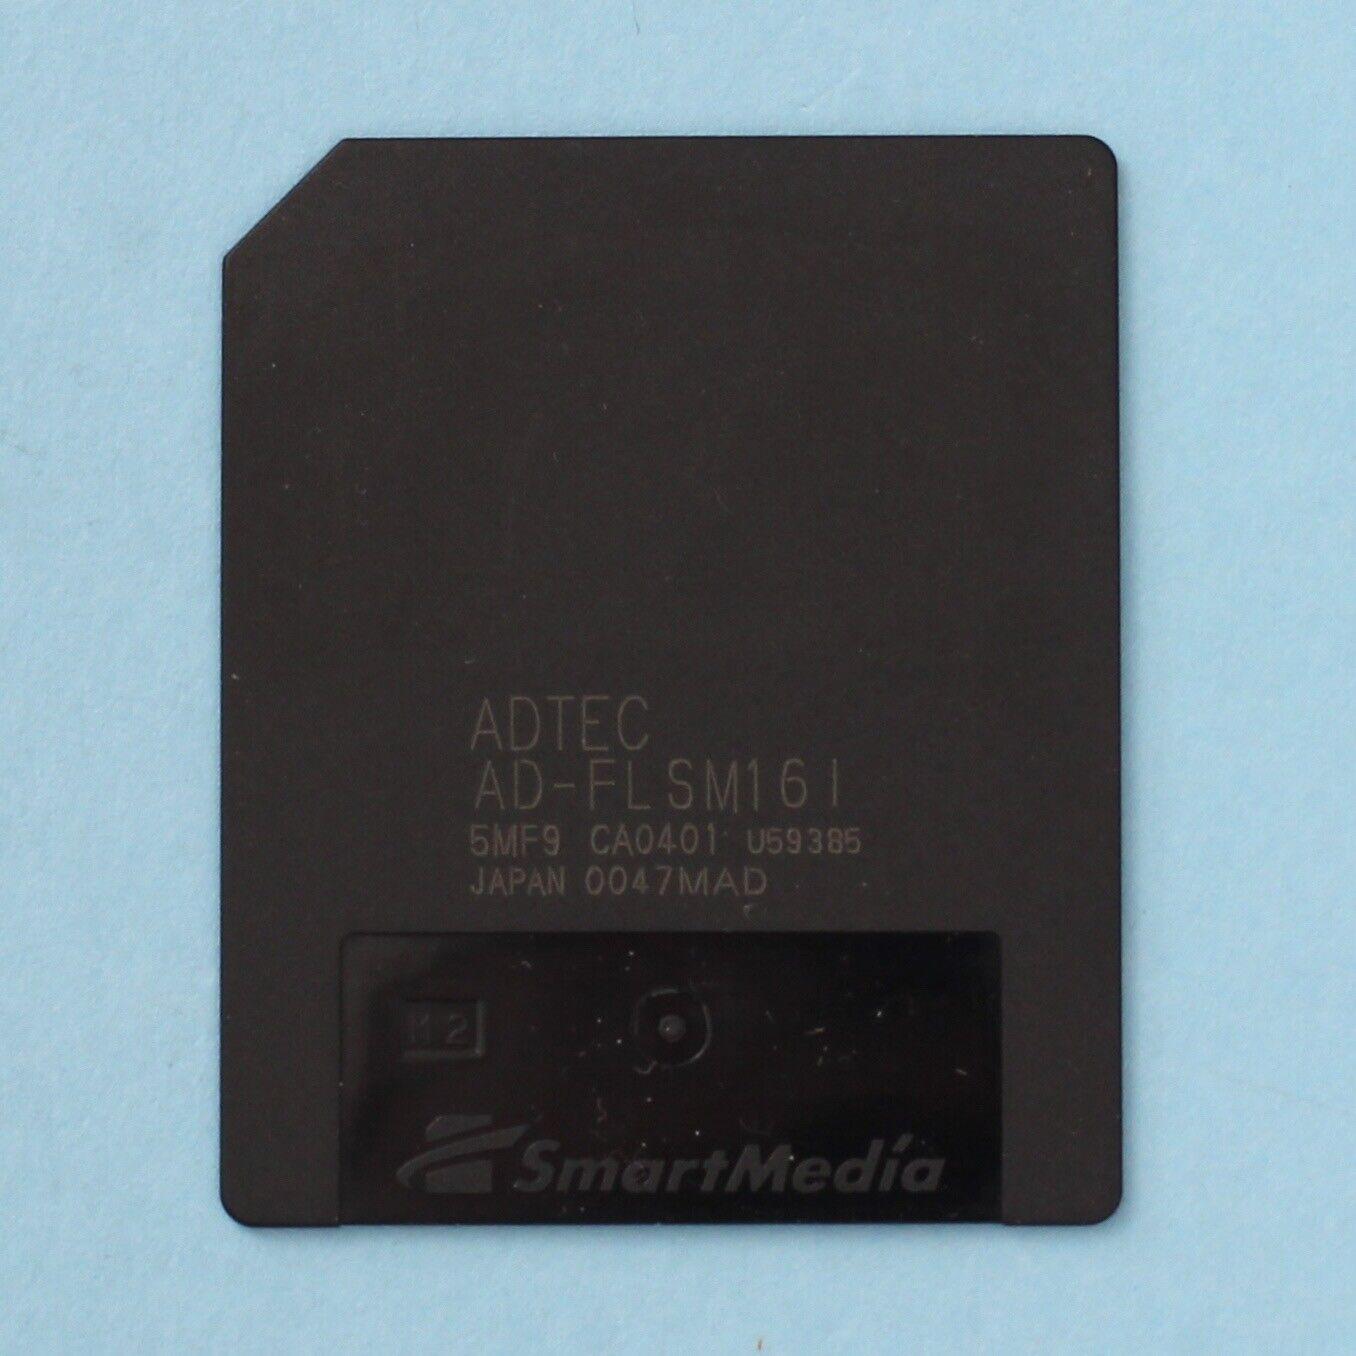 16MB ADTEC SmartMedia Memory Card For Olympus Fuji Boss Roland Korg